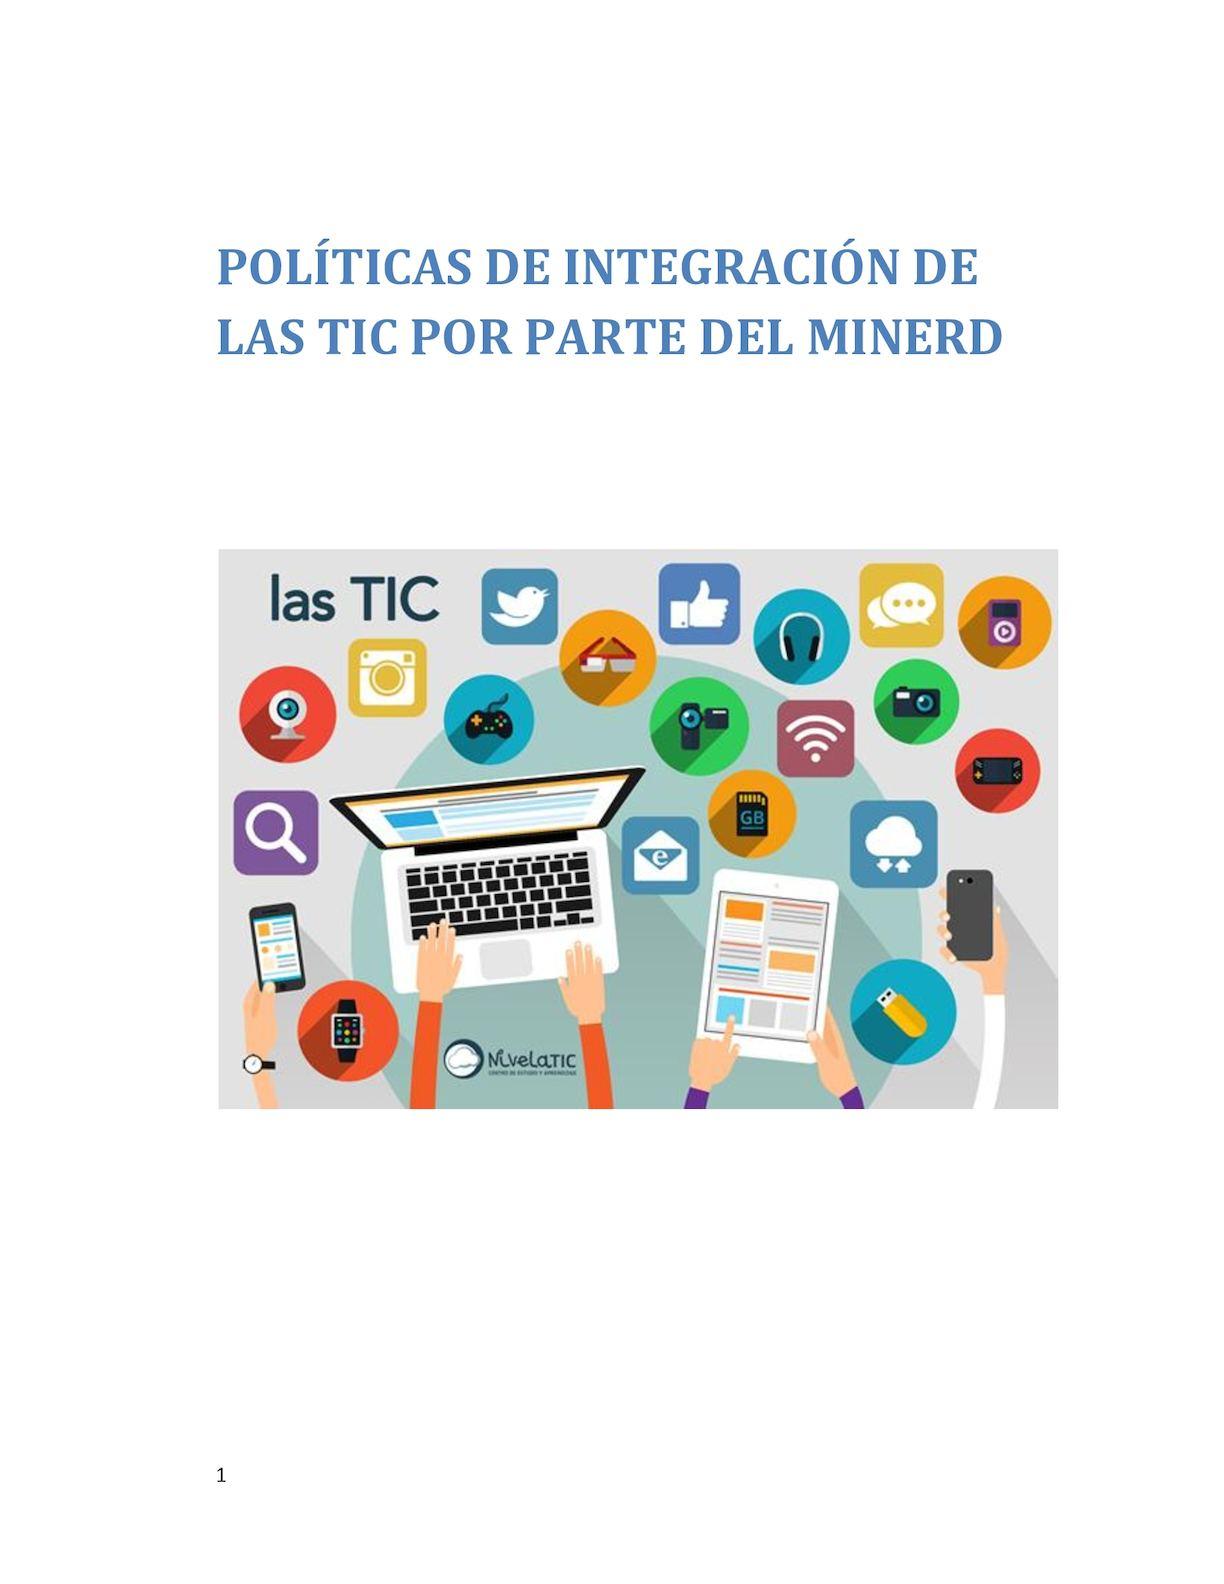 Politas De Integracion De Las Tic Por Parte De Minerd